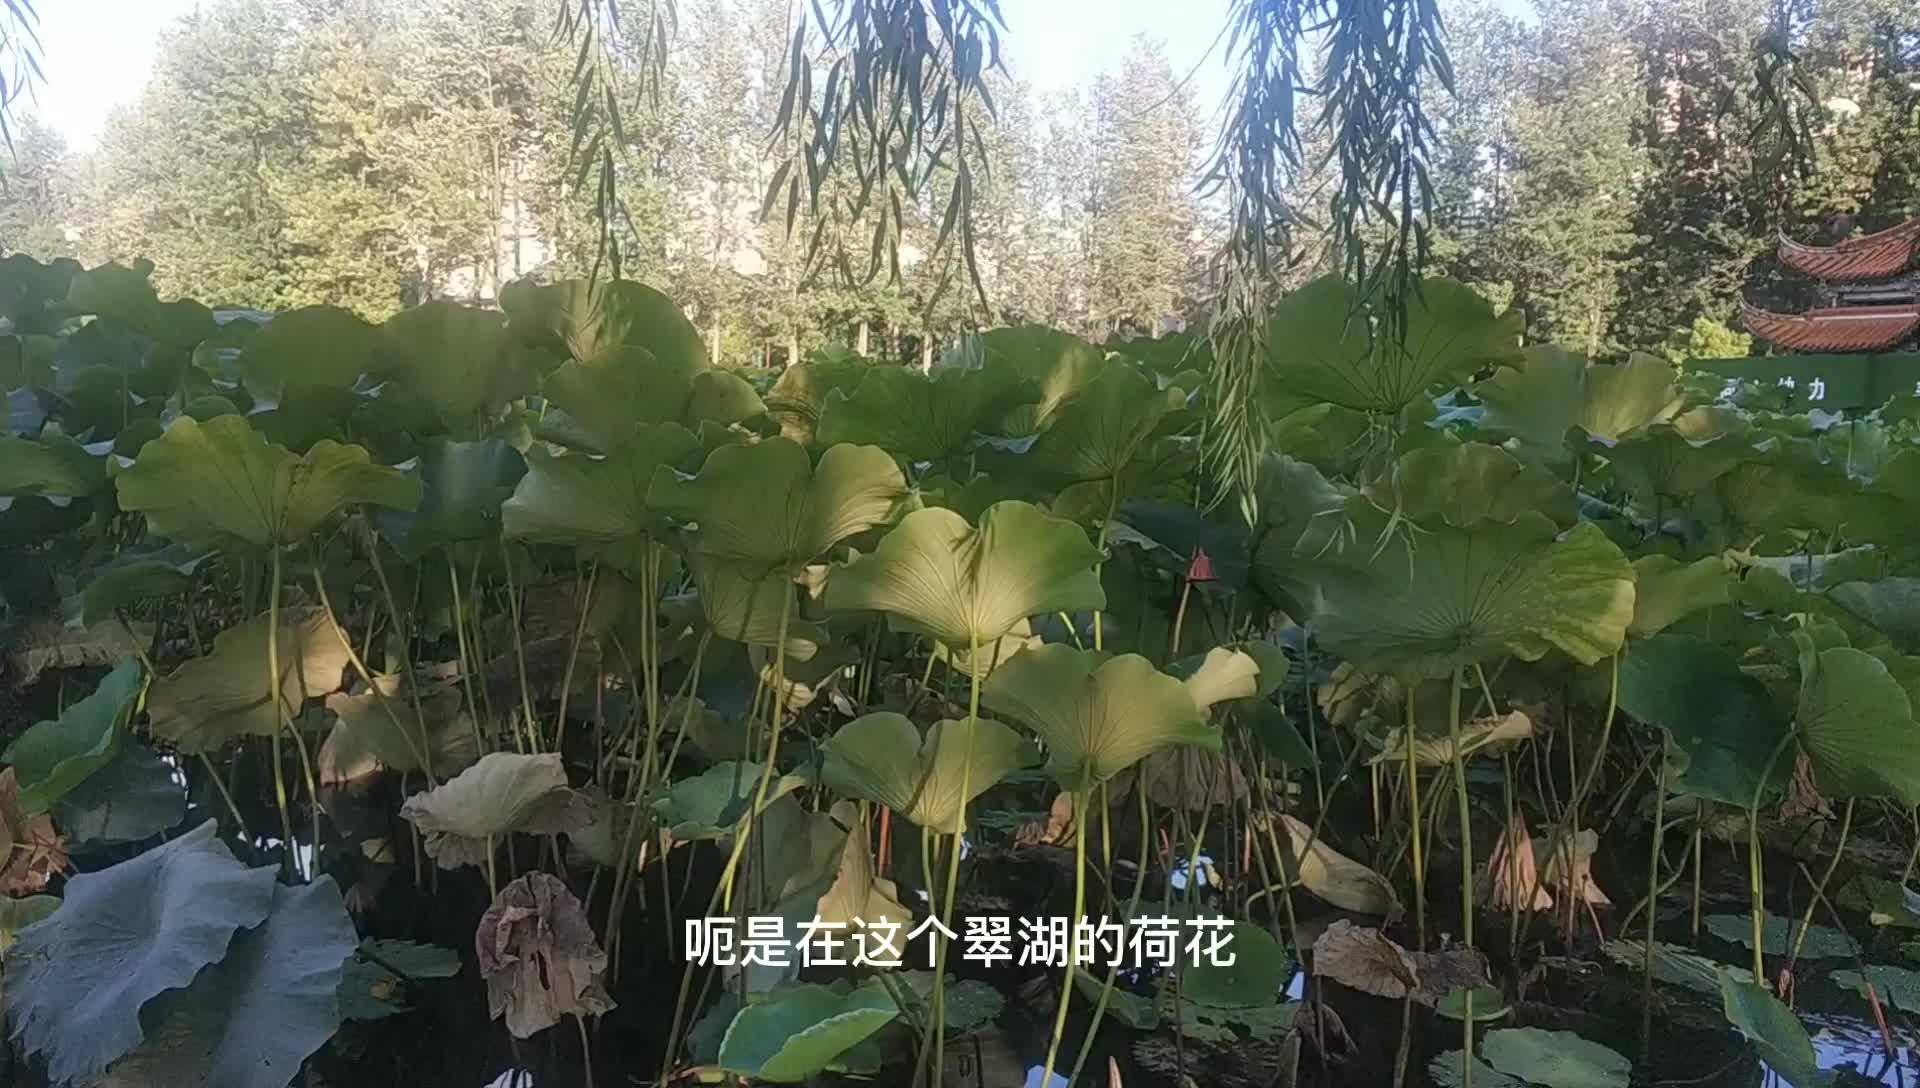 昆明最美的荷花池在哪里?今天带你来看看翠湖,绝对是最美的!